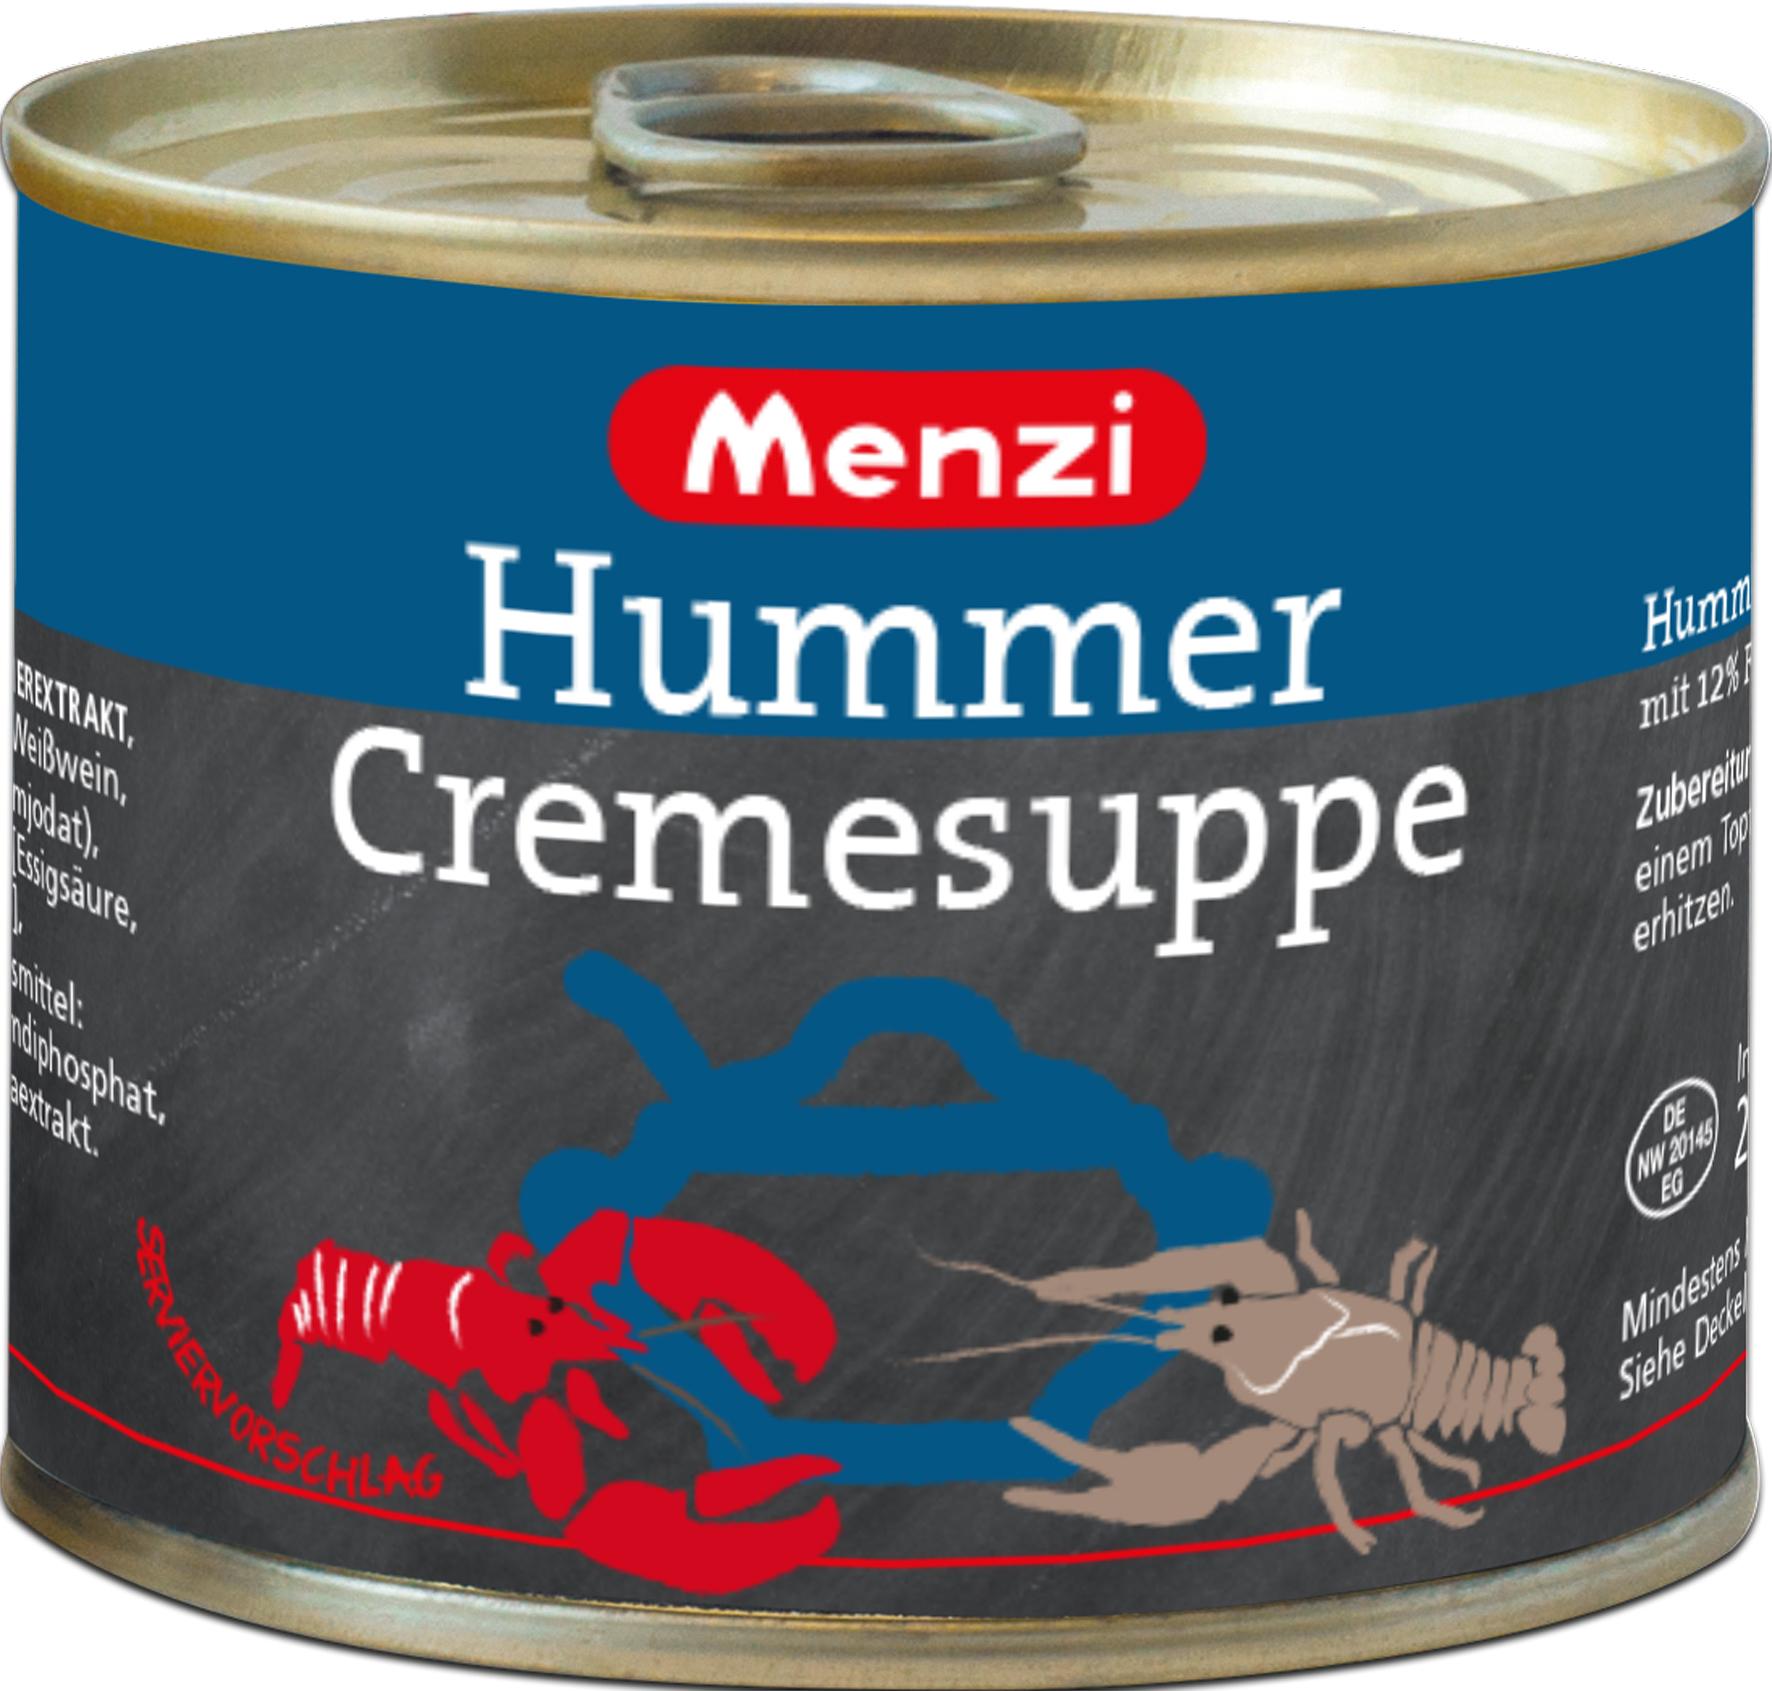 hummer-cremesuppe-von-menzi-sparpack-mit-5-x-200ml